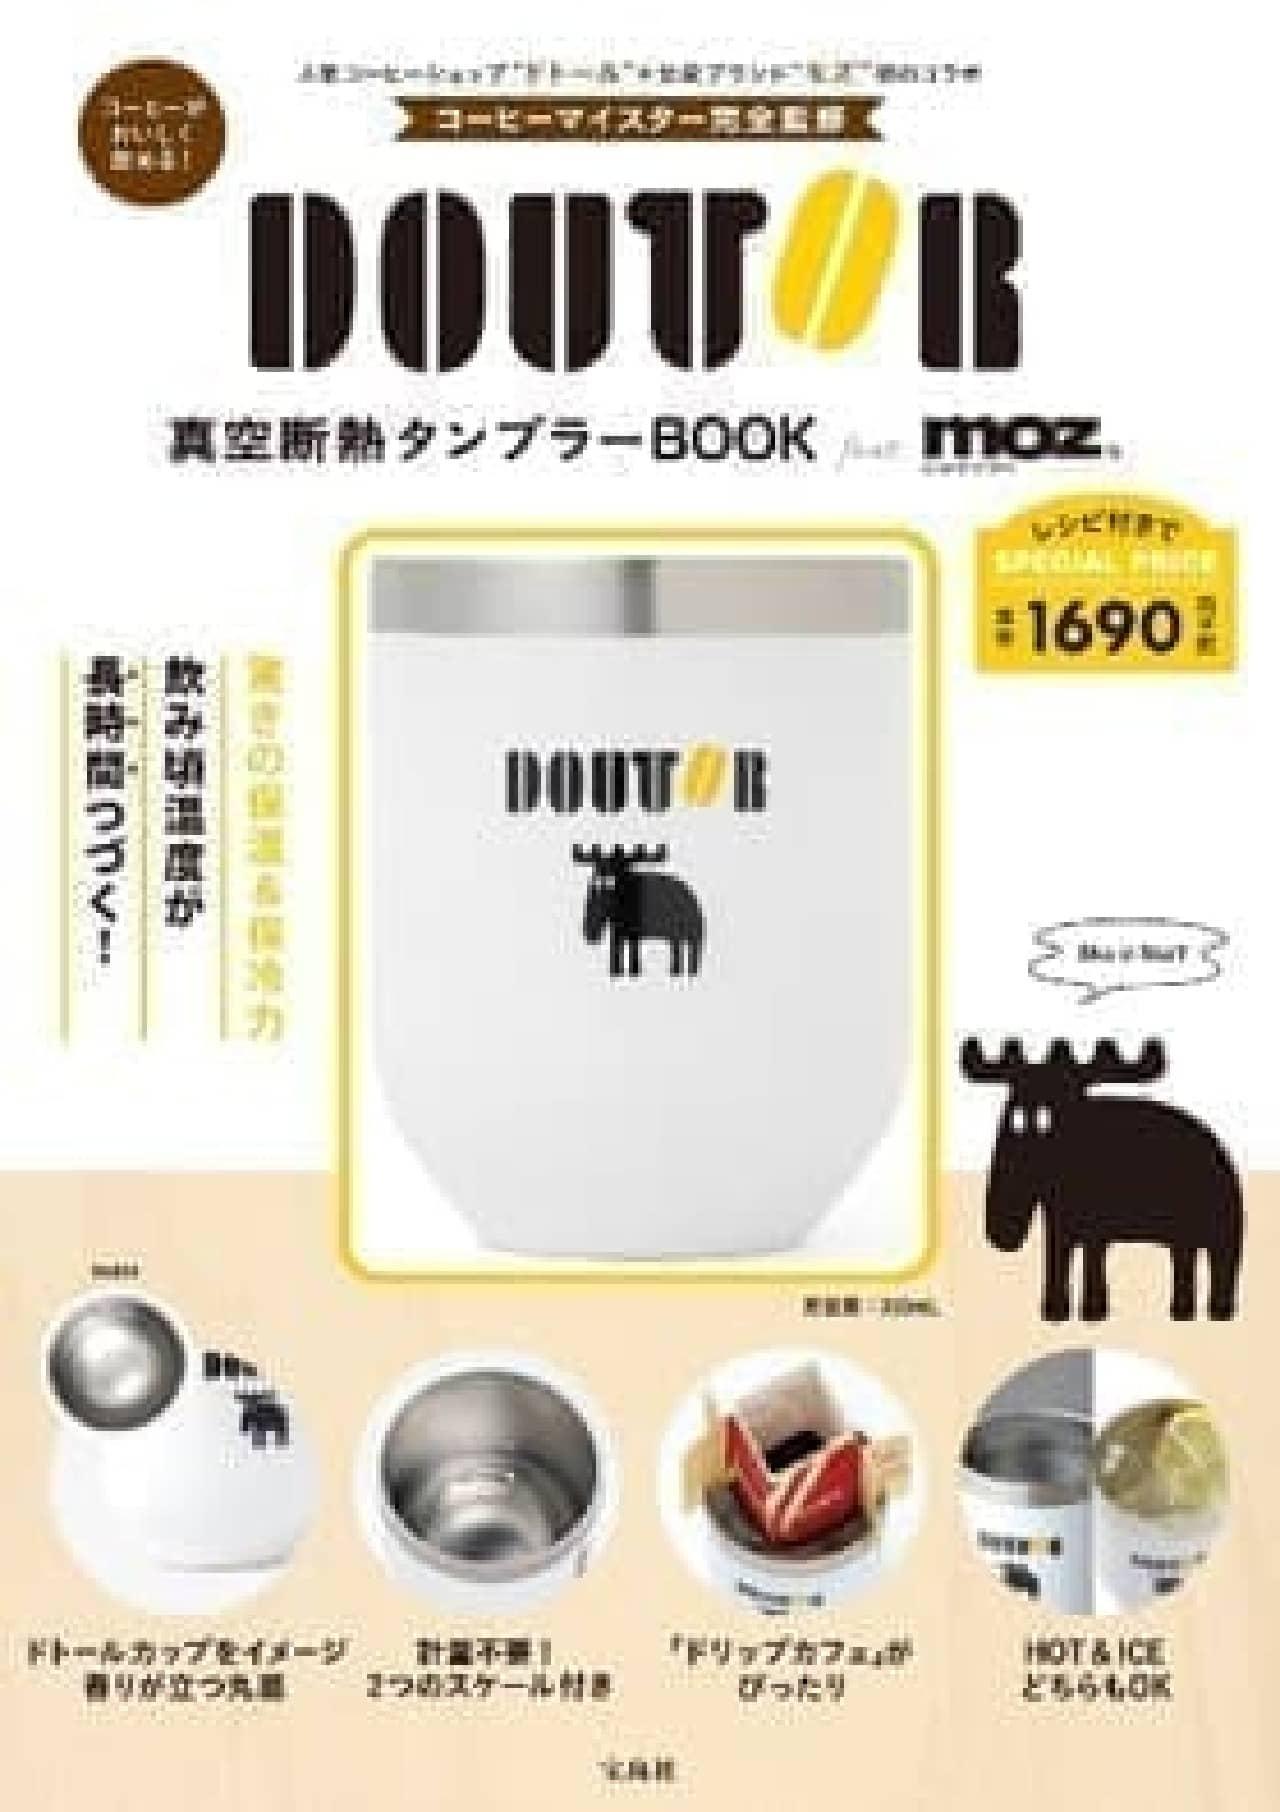 ドトール真空断熱タンブラー BOOK feat.moz